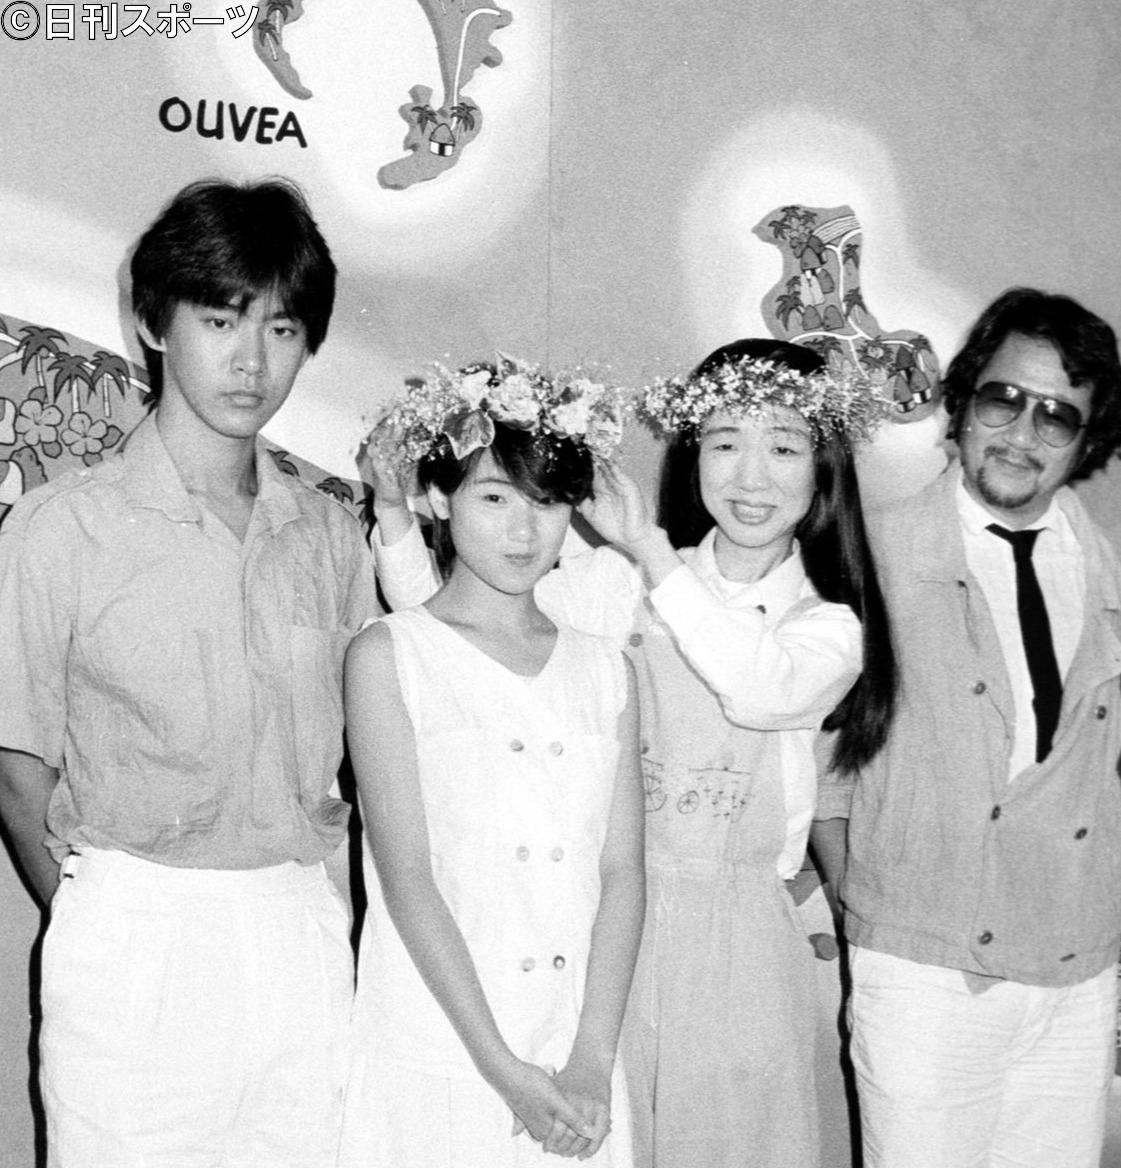 84年、映画「天国にいちばん近い島」の製作発表に出席した大林宣彦監督(右端)。中央は原田知世